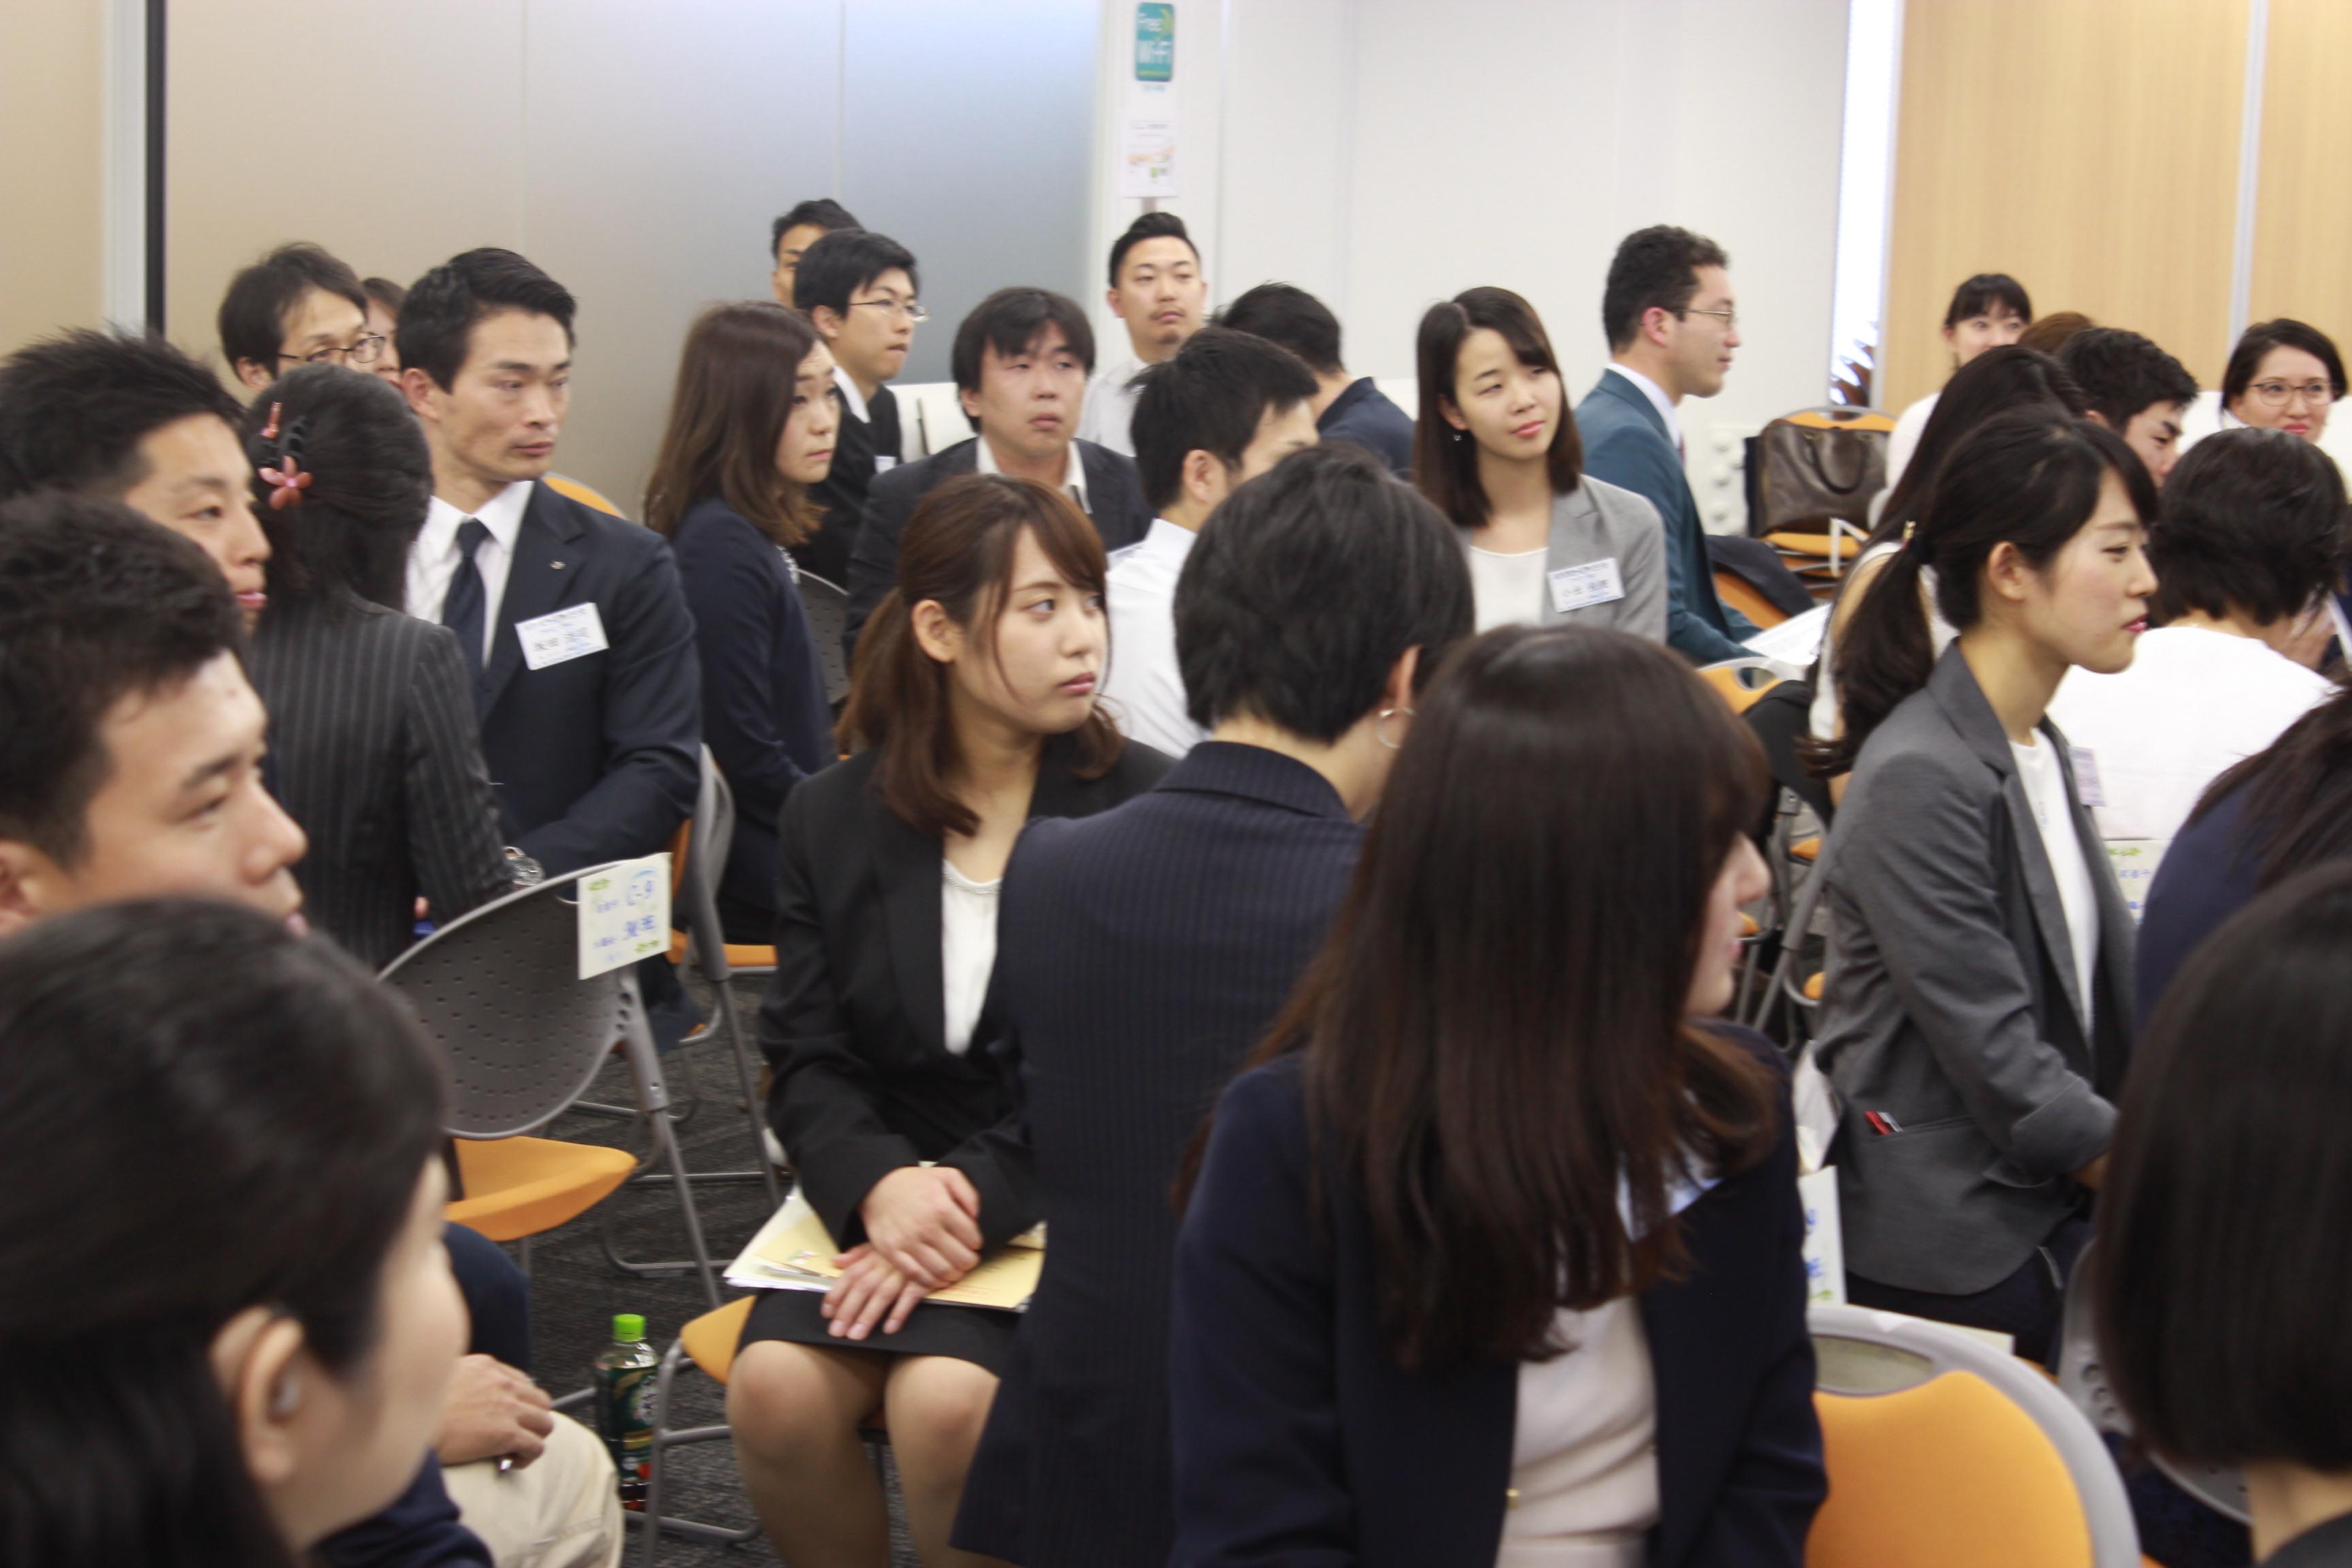 IMG 7779 - 関東若獅子の会、記念すべき第100回